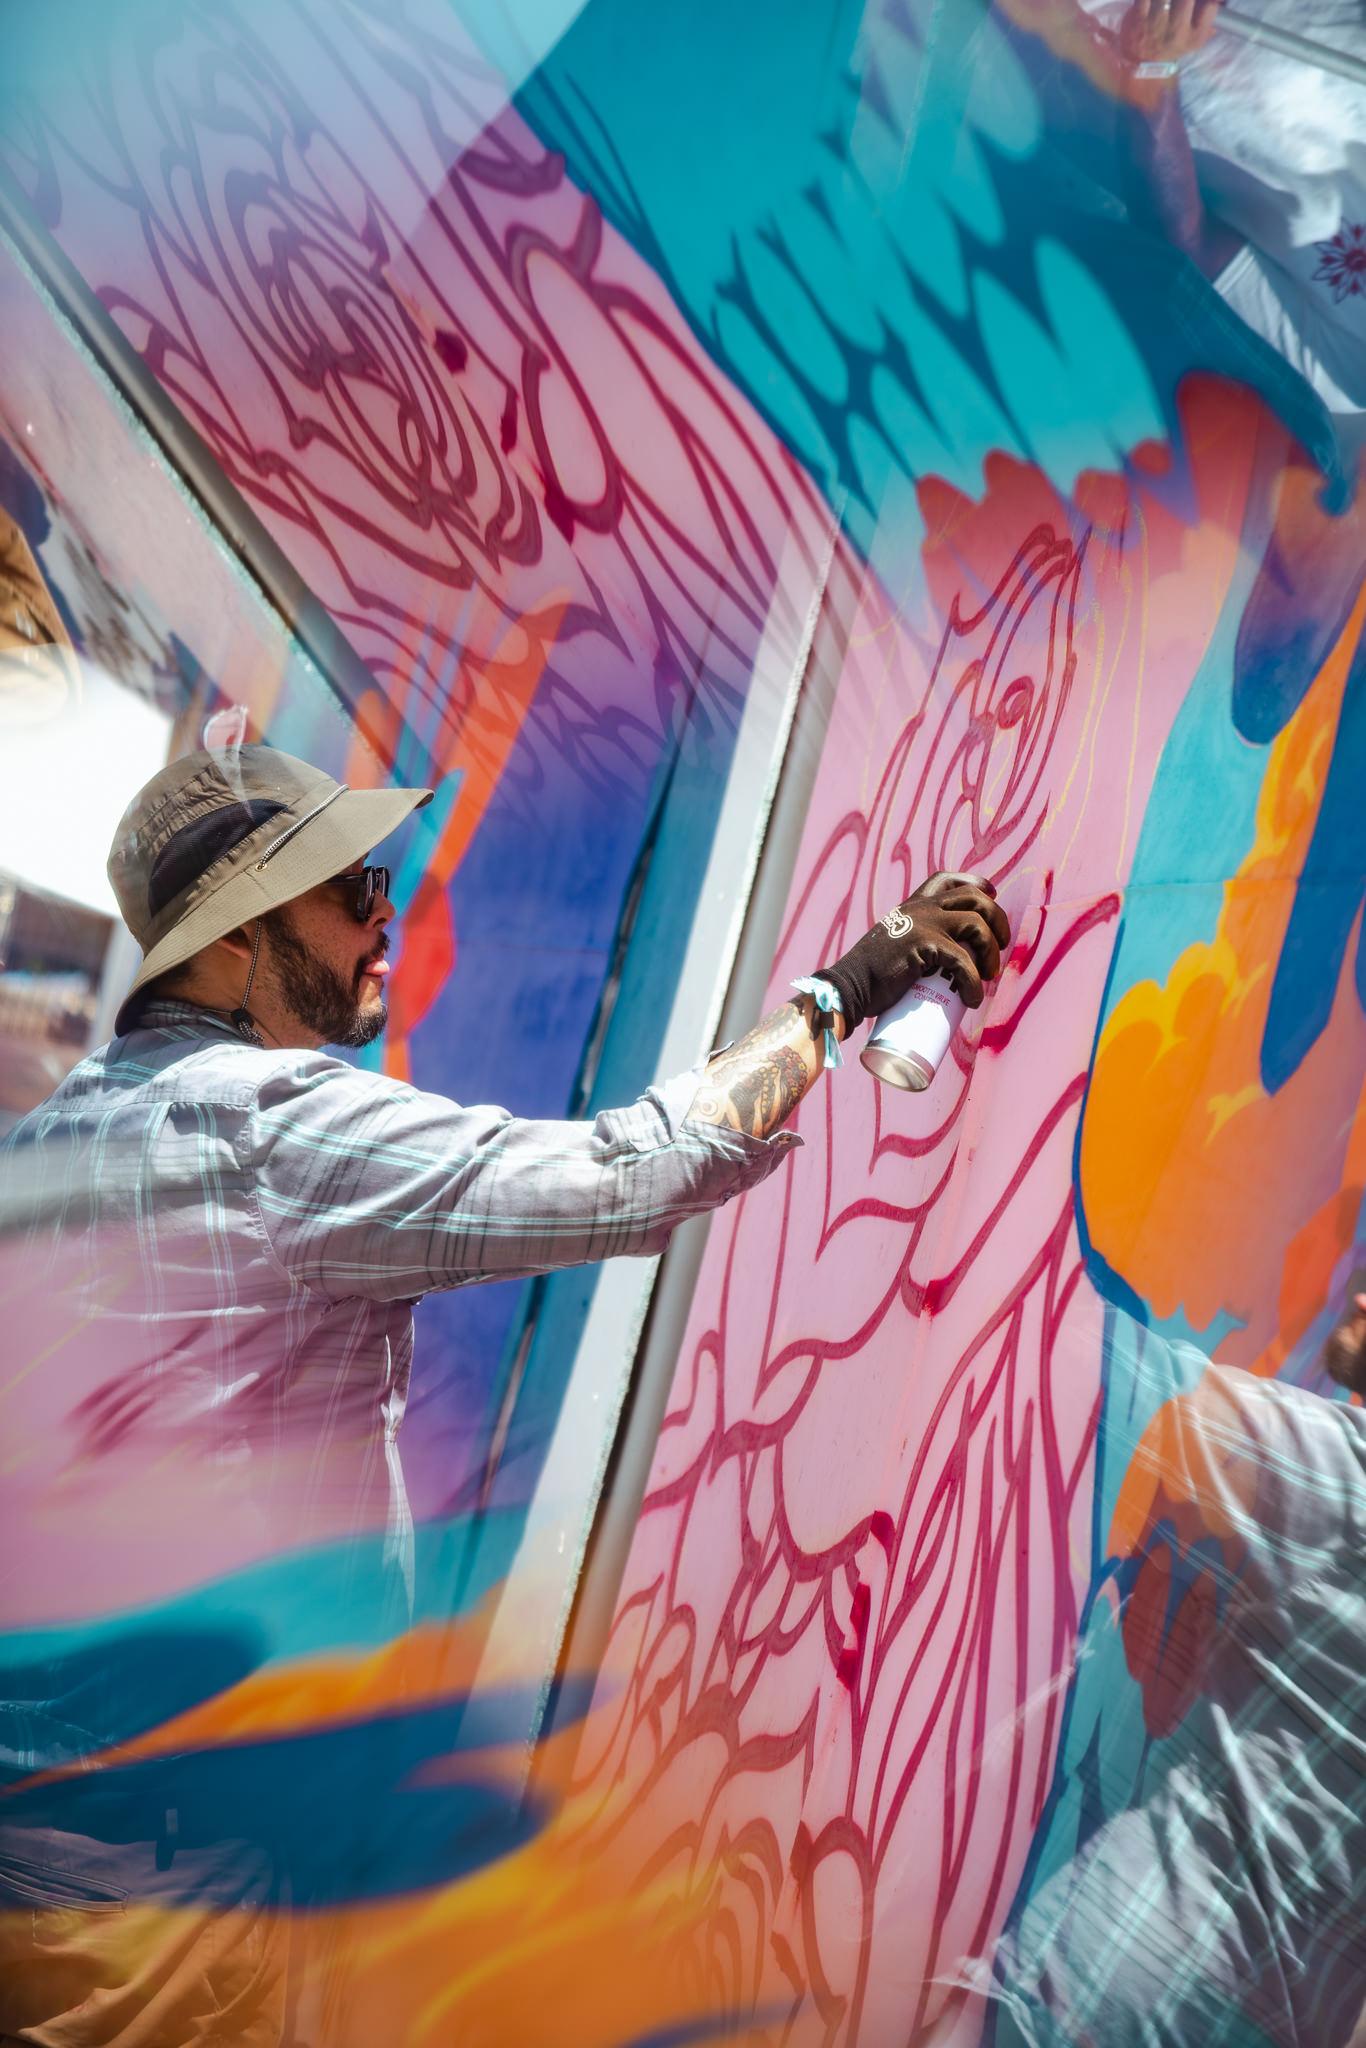 art_NeonDesert2019_KirbyGladstein-09112.jpg